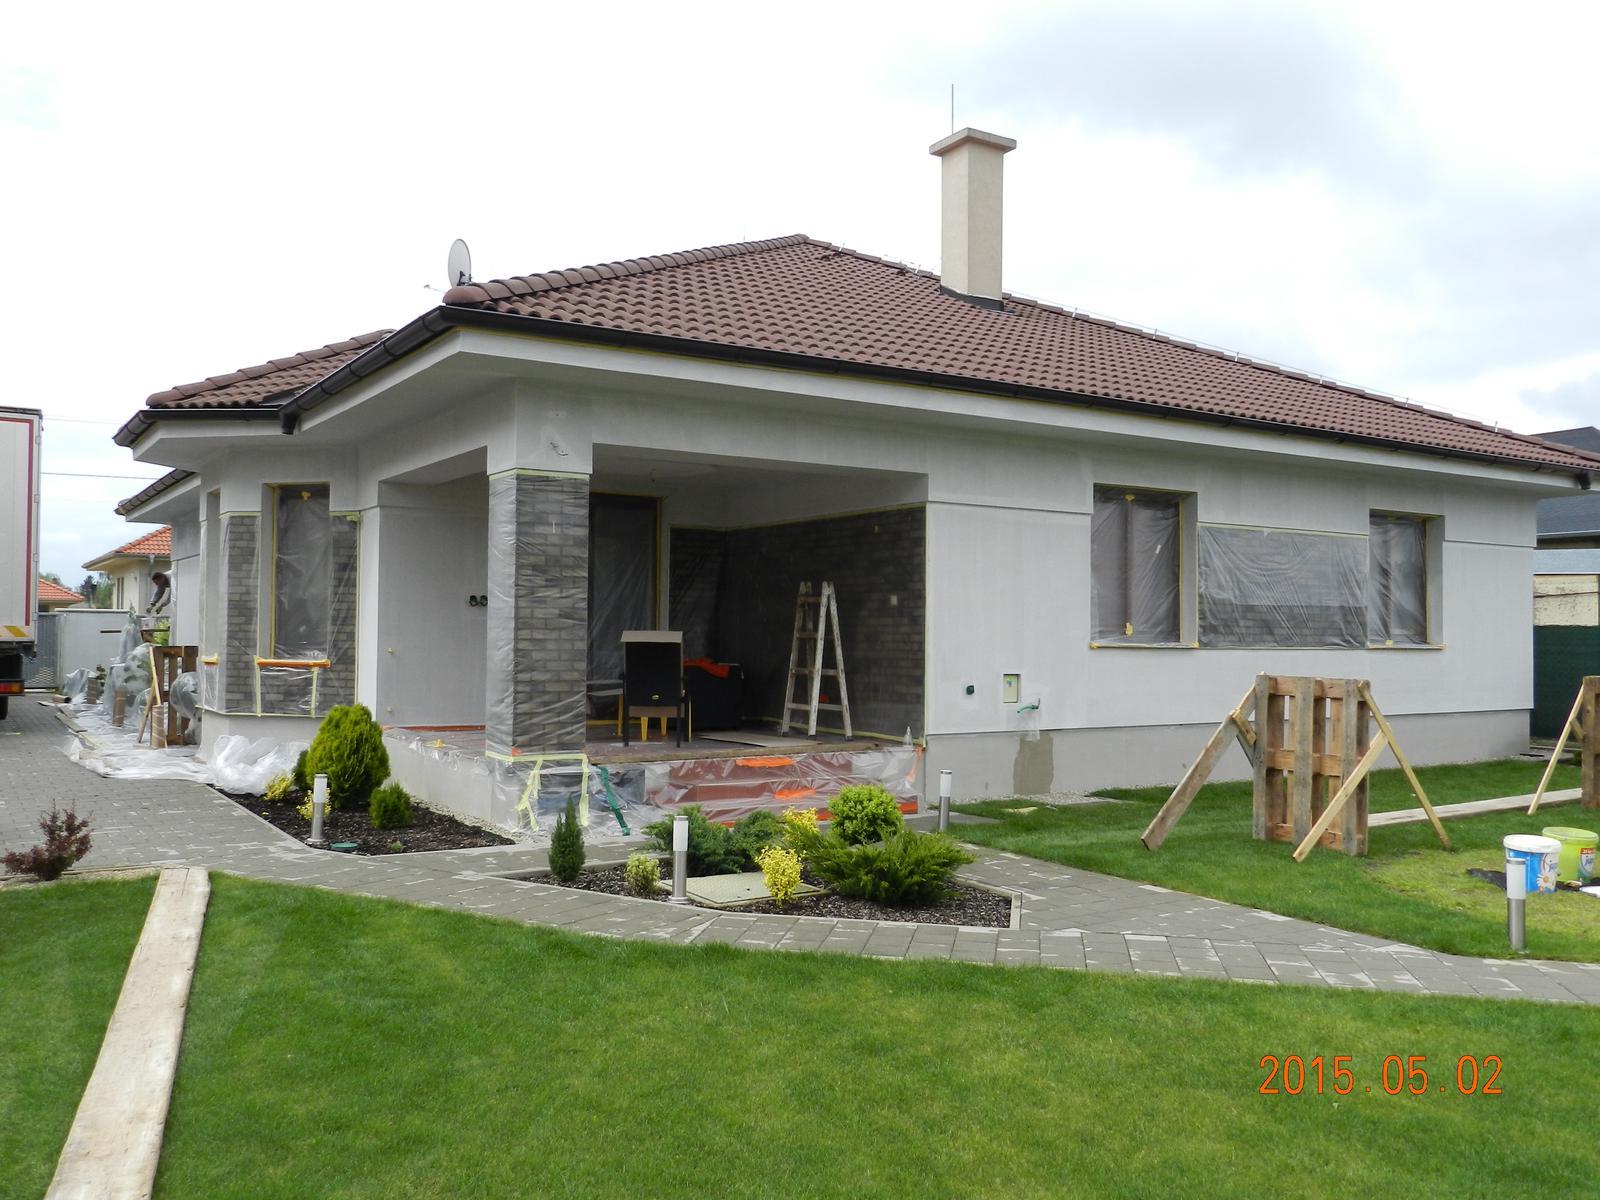 Pokračujeme fasádou 2014 jeseň - 2015. máj - dom pripravený na budúci týždeň pre fasádnu party-u :)